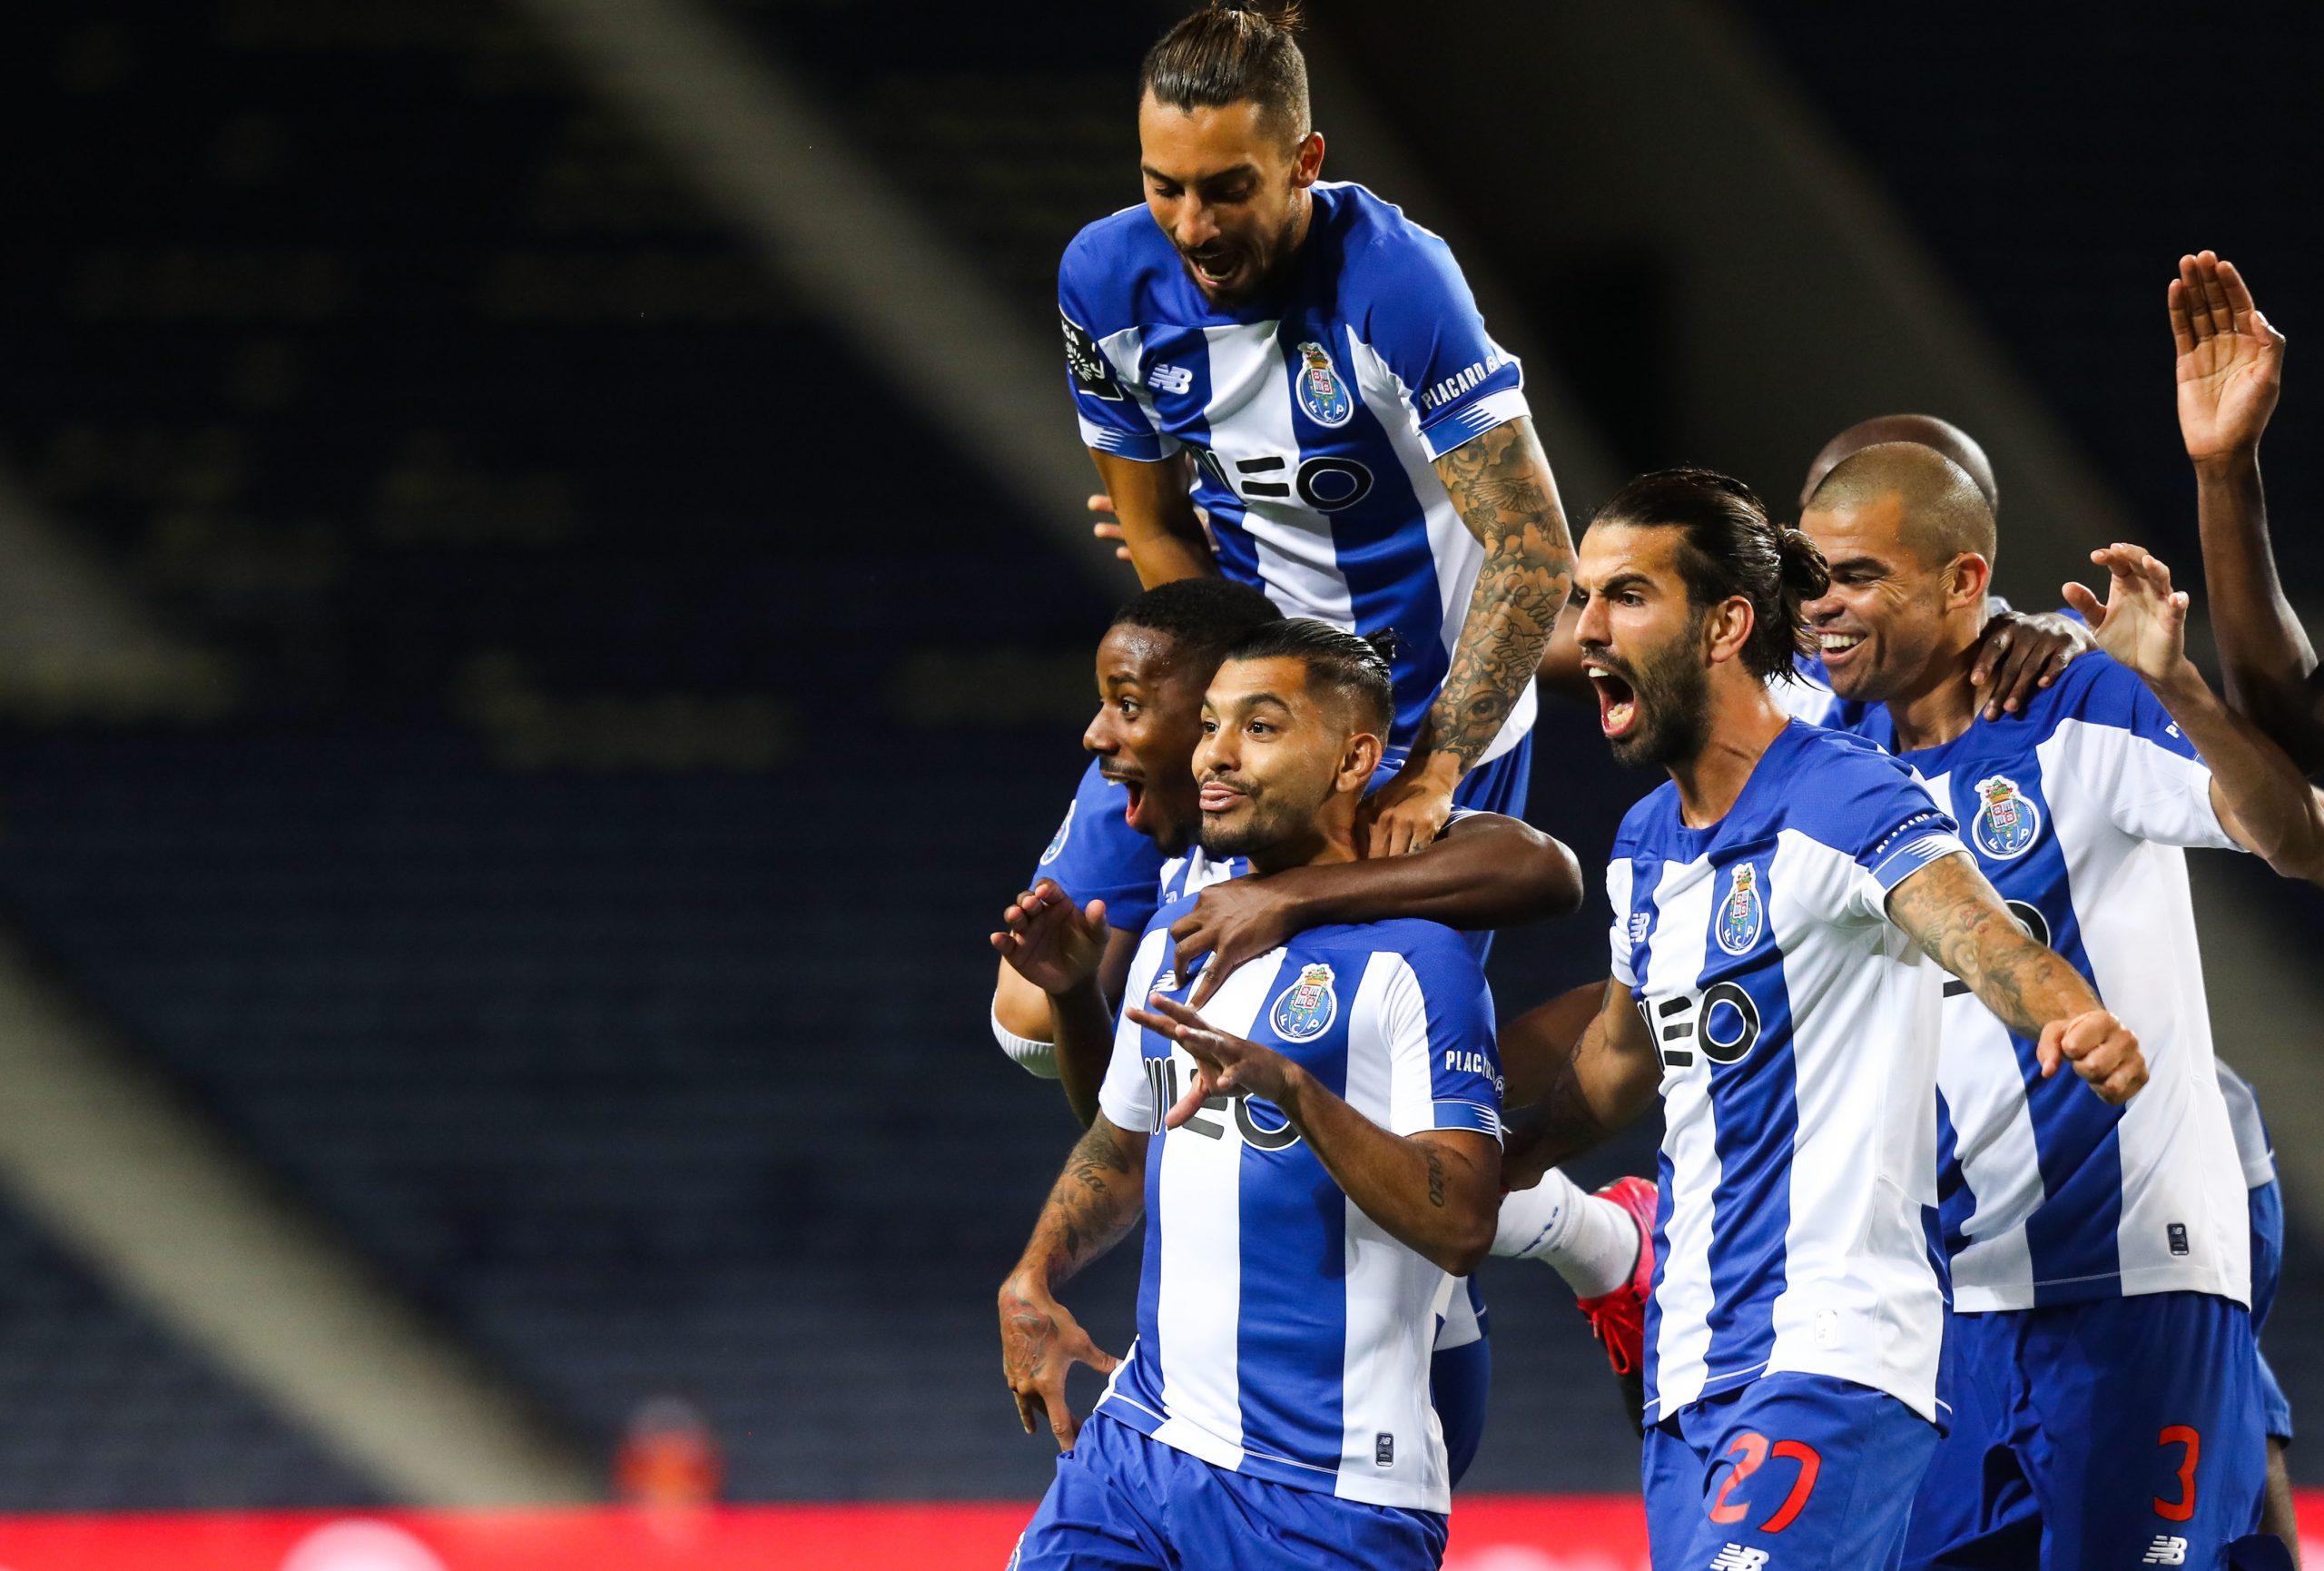 Corona avec le FC Porto face à Maritimo